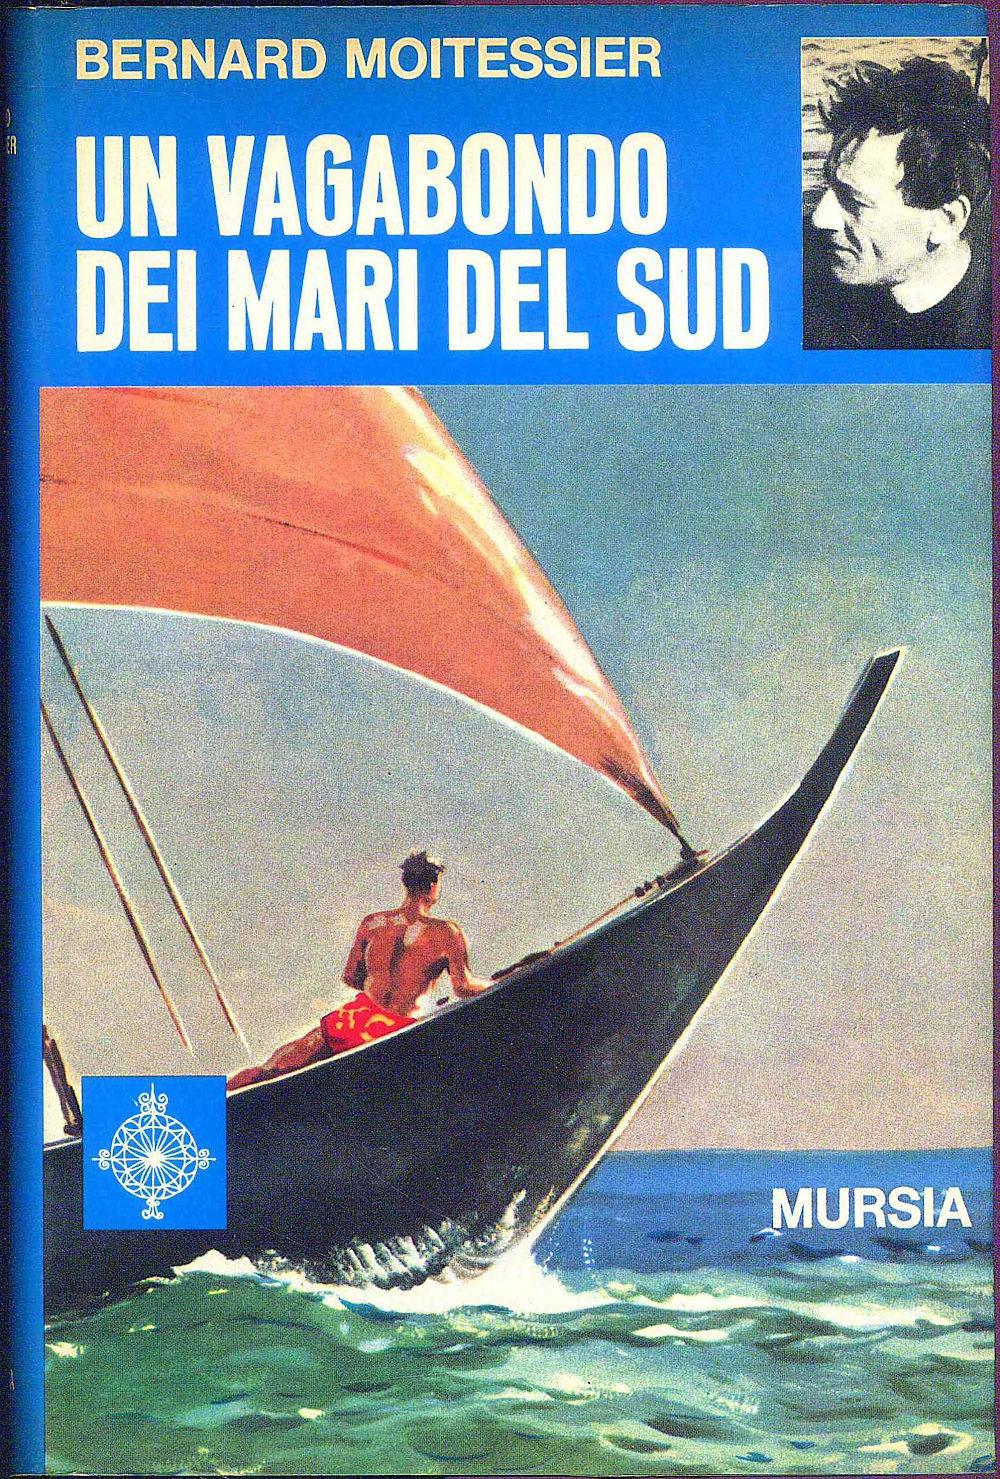 Bernard Moitessier - Vagabondi dei mari del sud